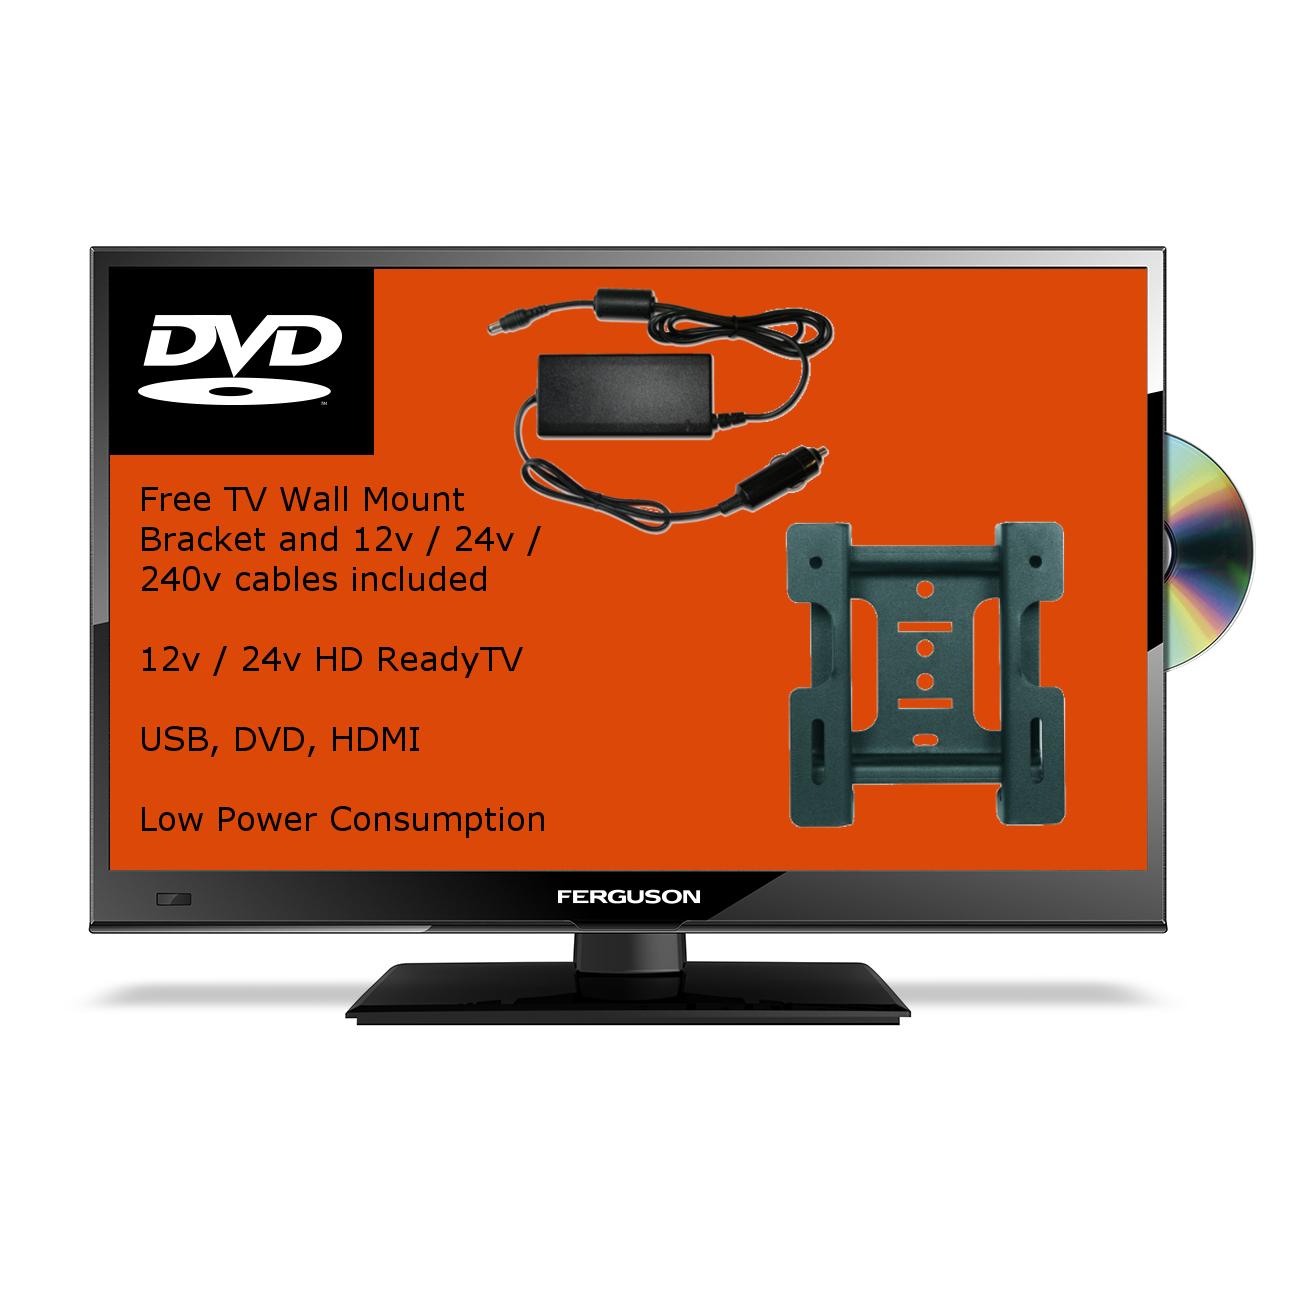 20 inch slim full hd hdmi 12v volt led tv dvd player freeview vesa bracket ebay. Black Bedroom Furniture Sets. Home Design Ideas